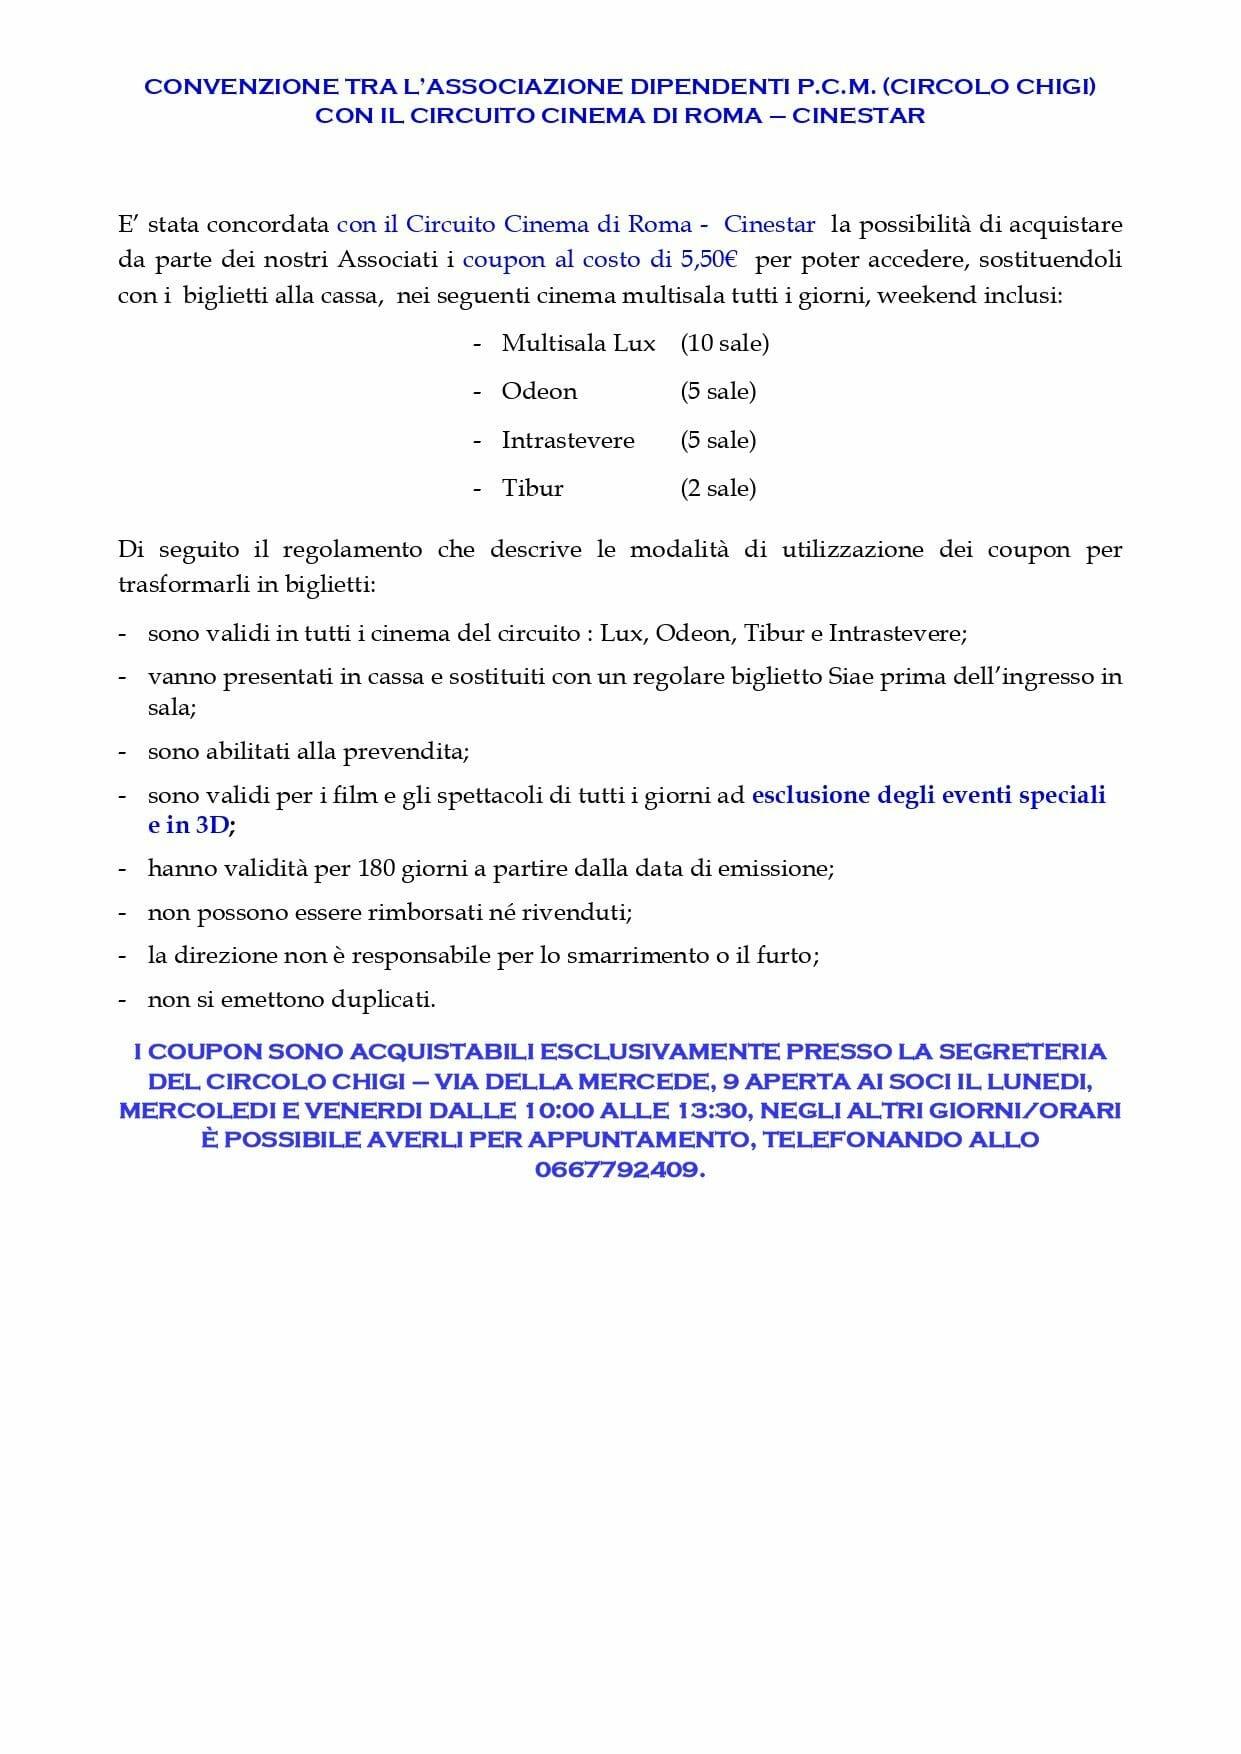 CIRCUITO CINEMA DI ROMA – CINESTAR